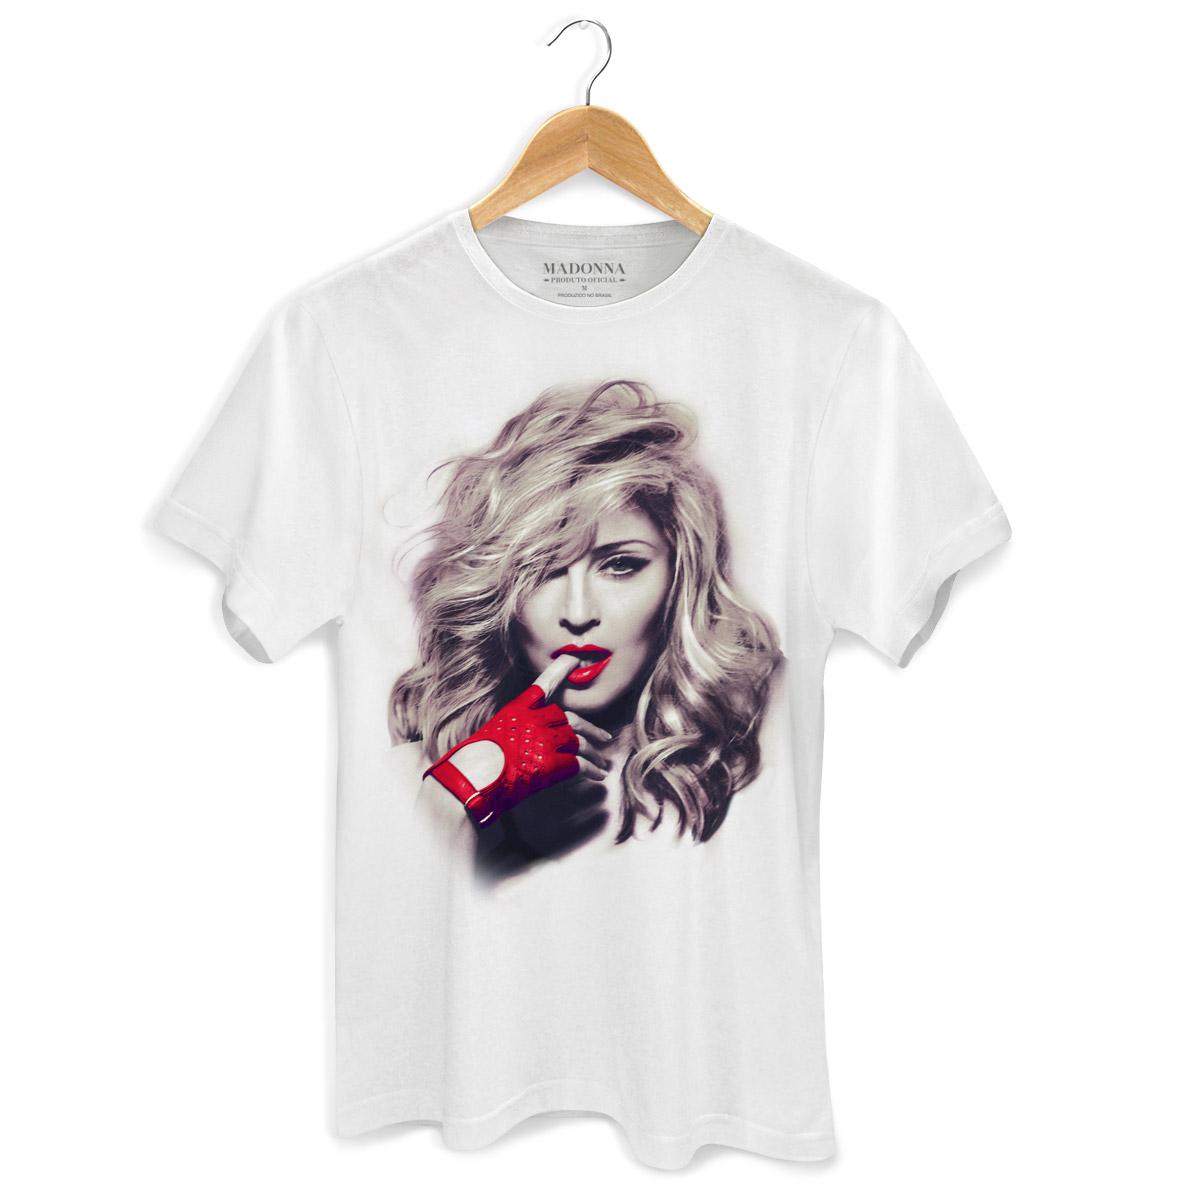 Camiseta Masculina Madonna Girl Gone Wild Photo